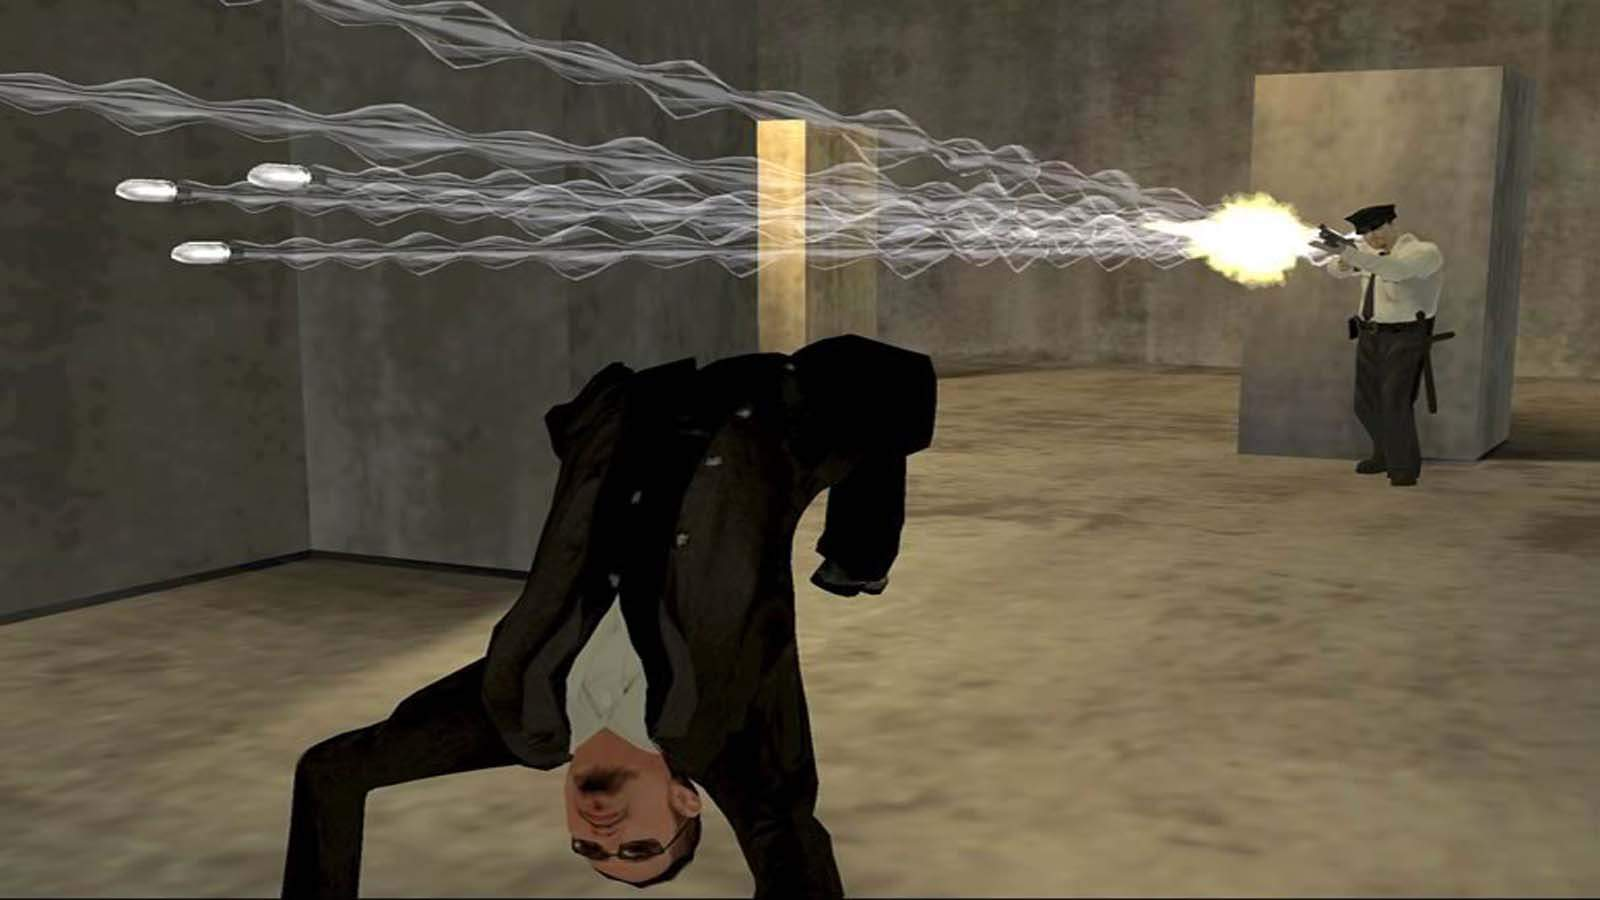 تحميل لعبة Enter The Matrix مضغوطة برابط واحد مباشر + تورنت كاملة مجانا